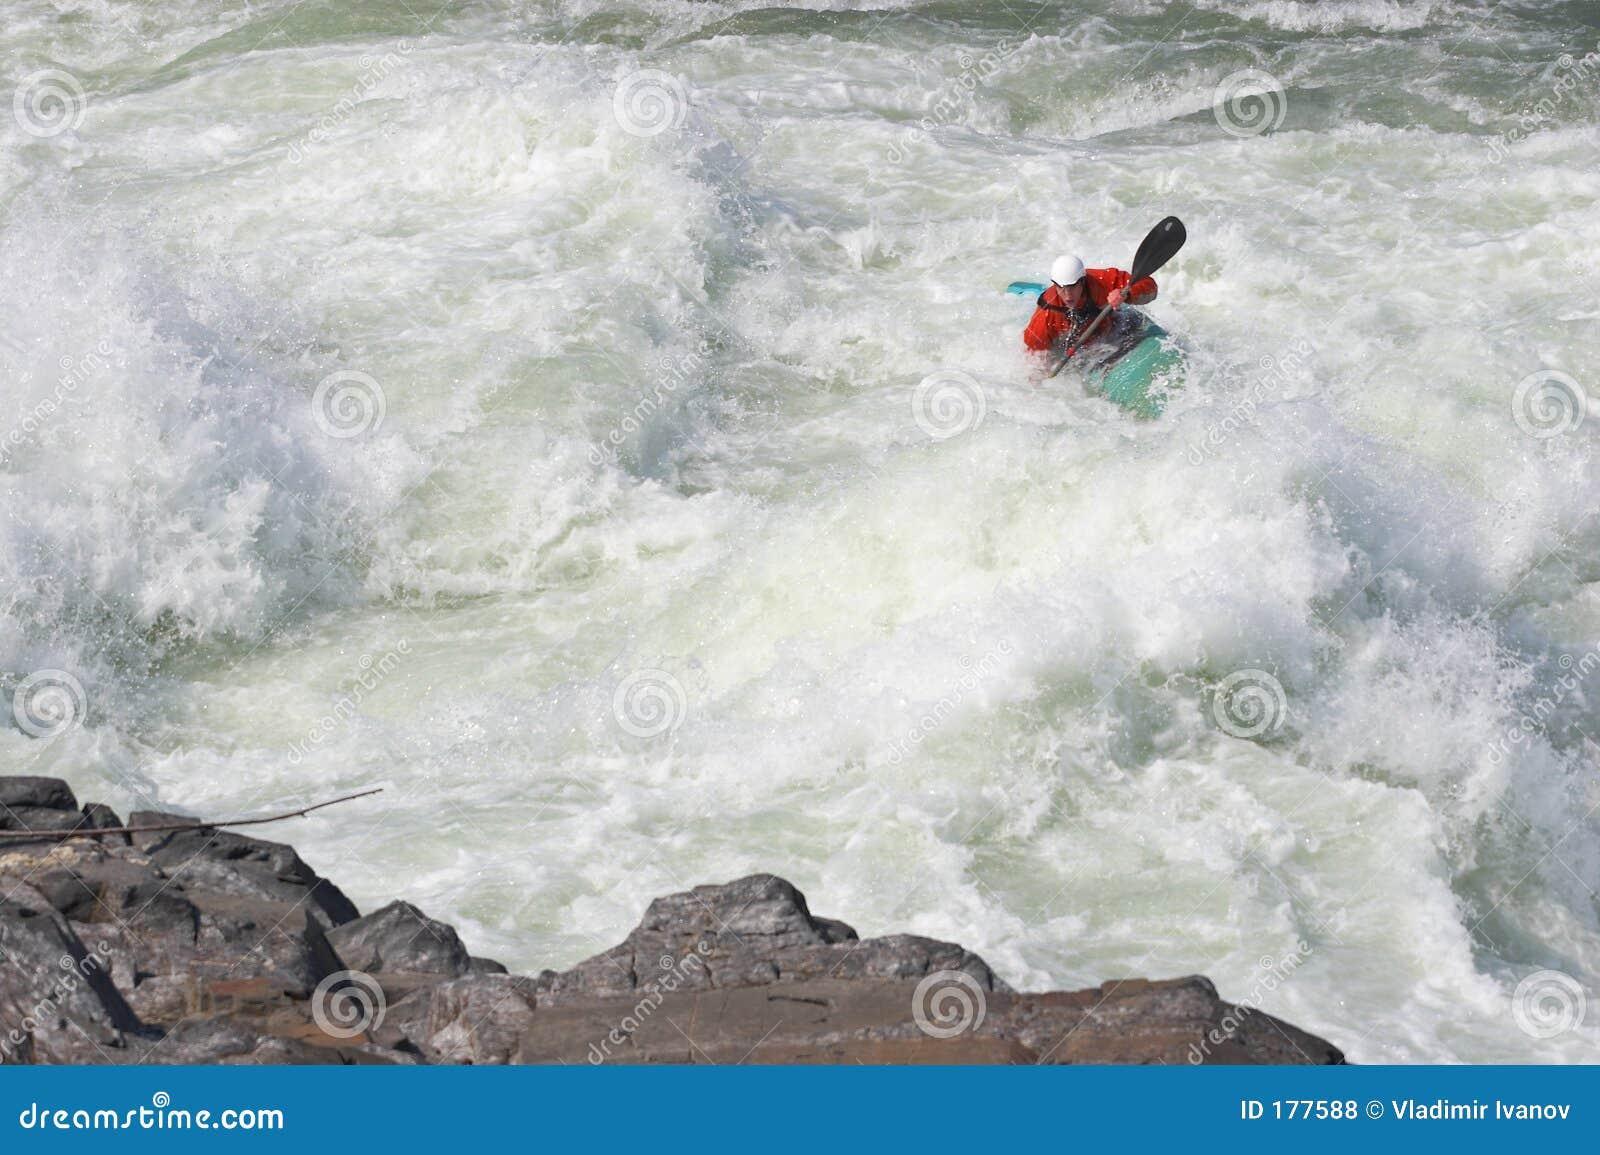 Sportif sur les rapids